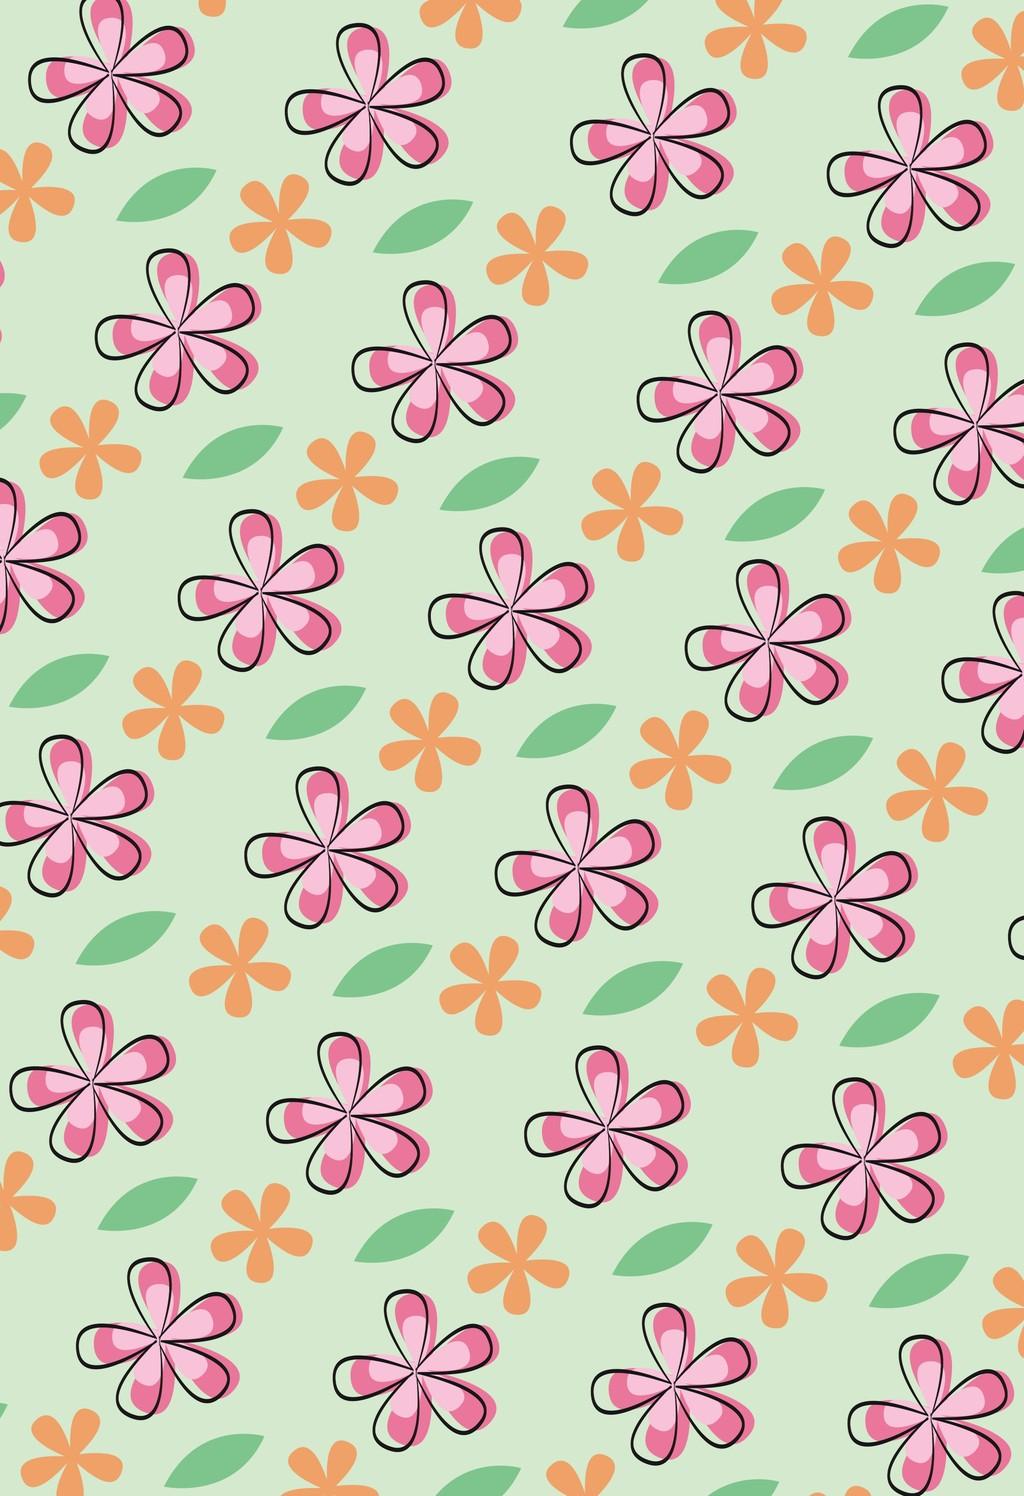 卡通植物花卉背景图案